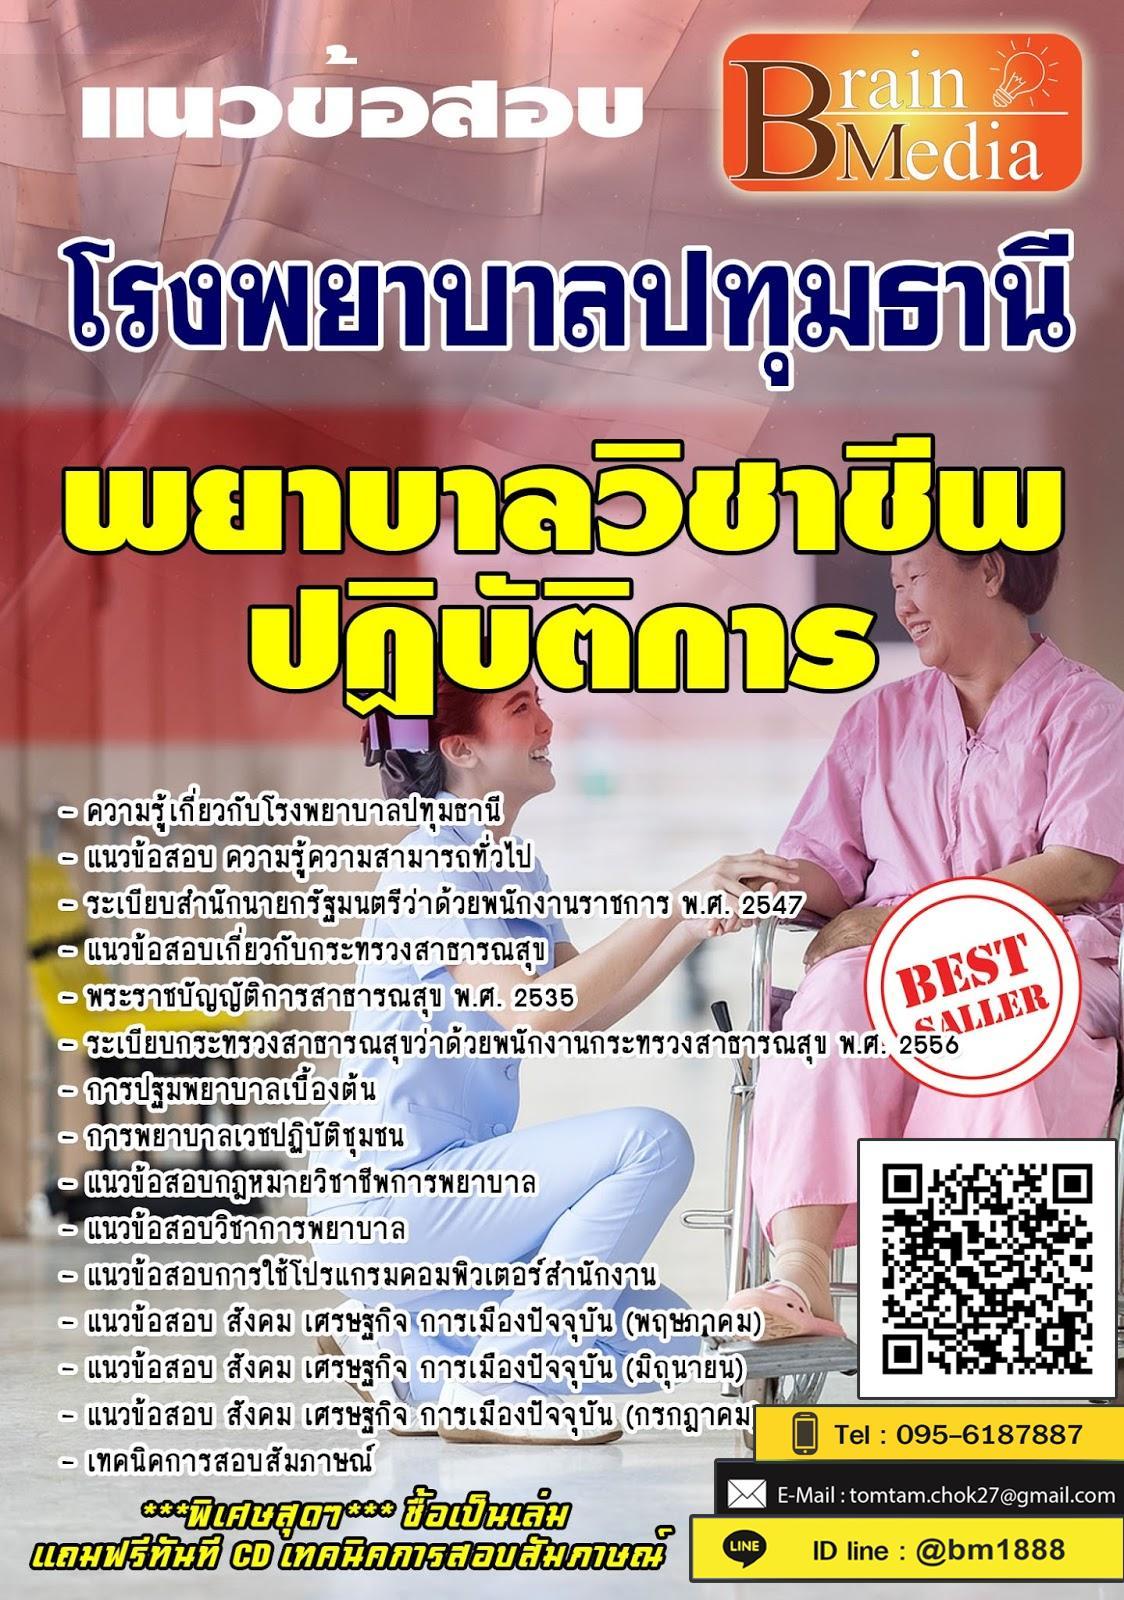 สรุปแนวข้อสอบ(พร้อมเฉลย) พยาบาลวิชาชีพปฏิบัติการ โรงพยาบาลปทุมธานี